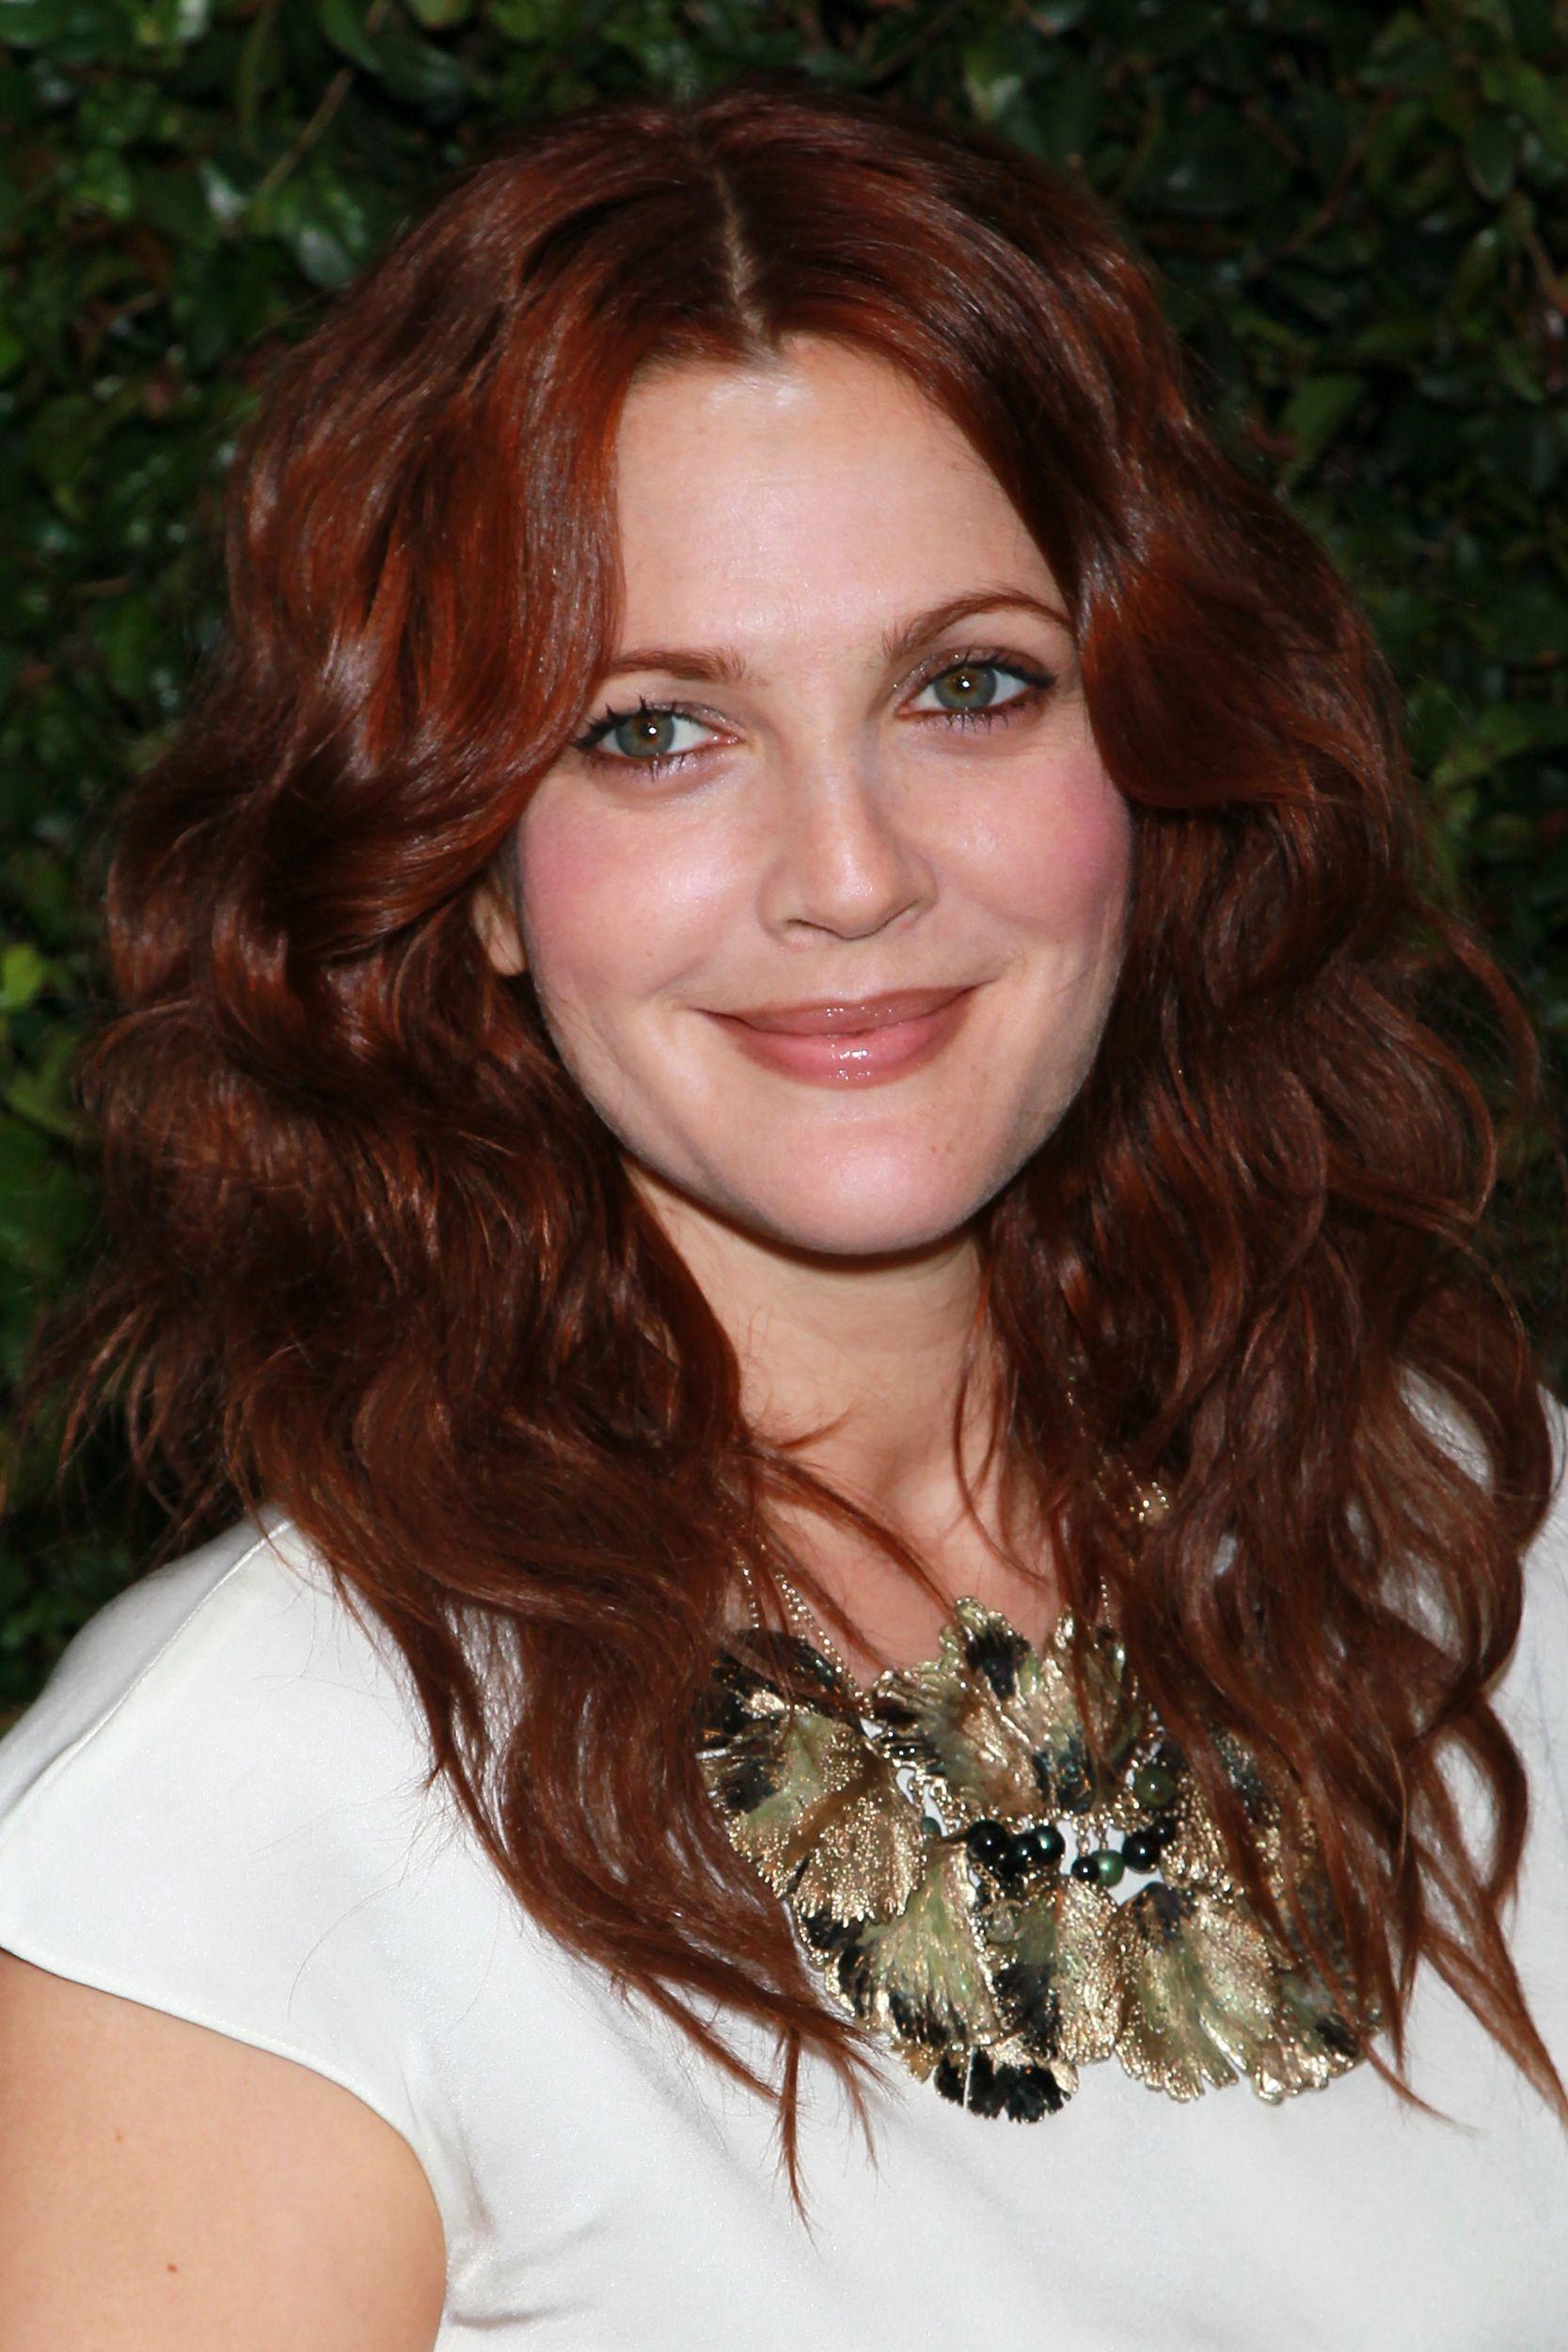 Best Hair Color Brown Eyes Light Skin